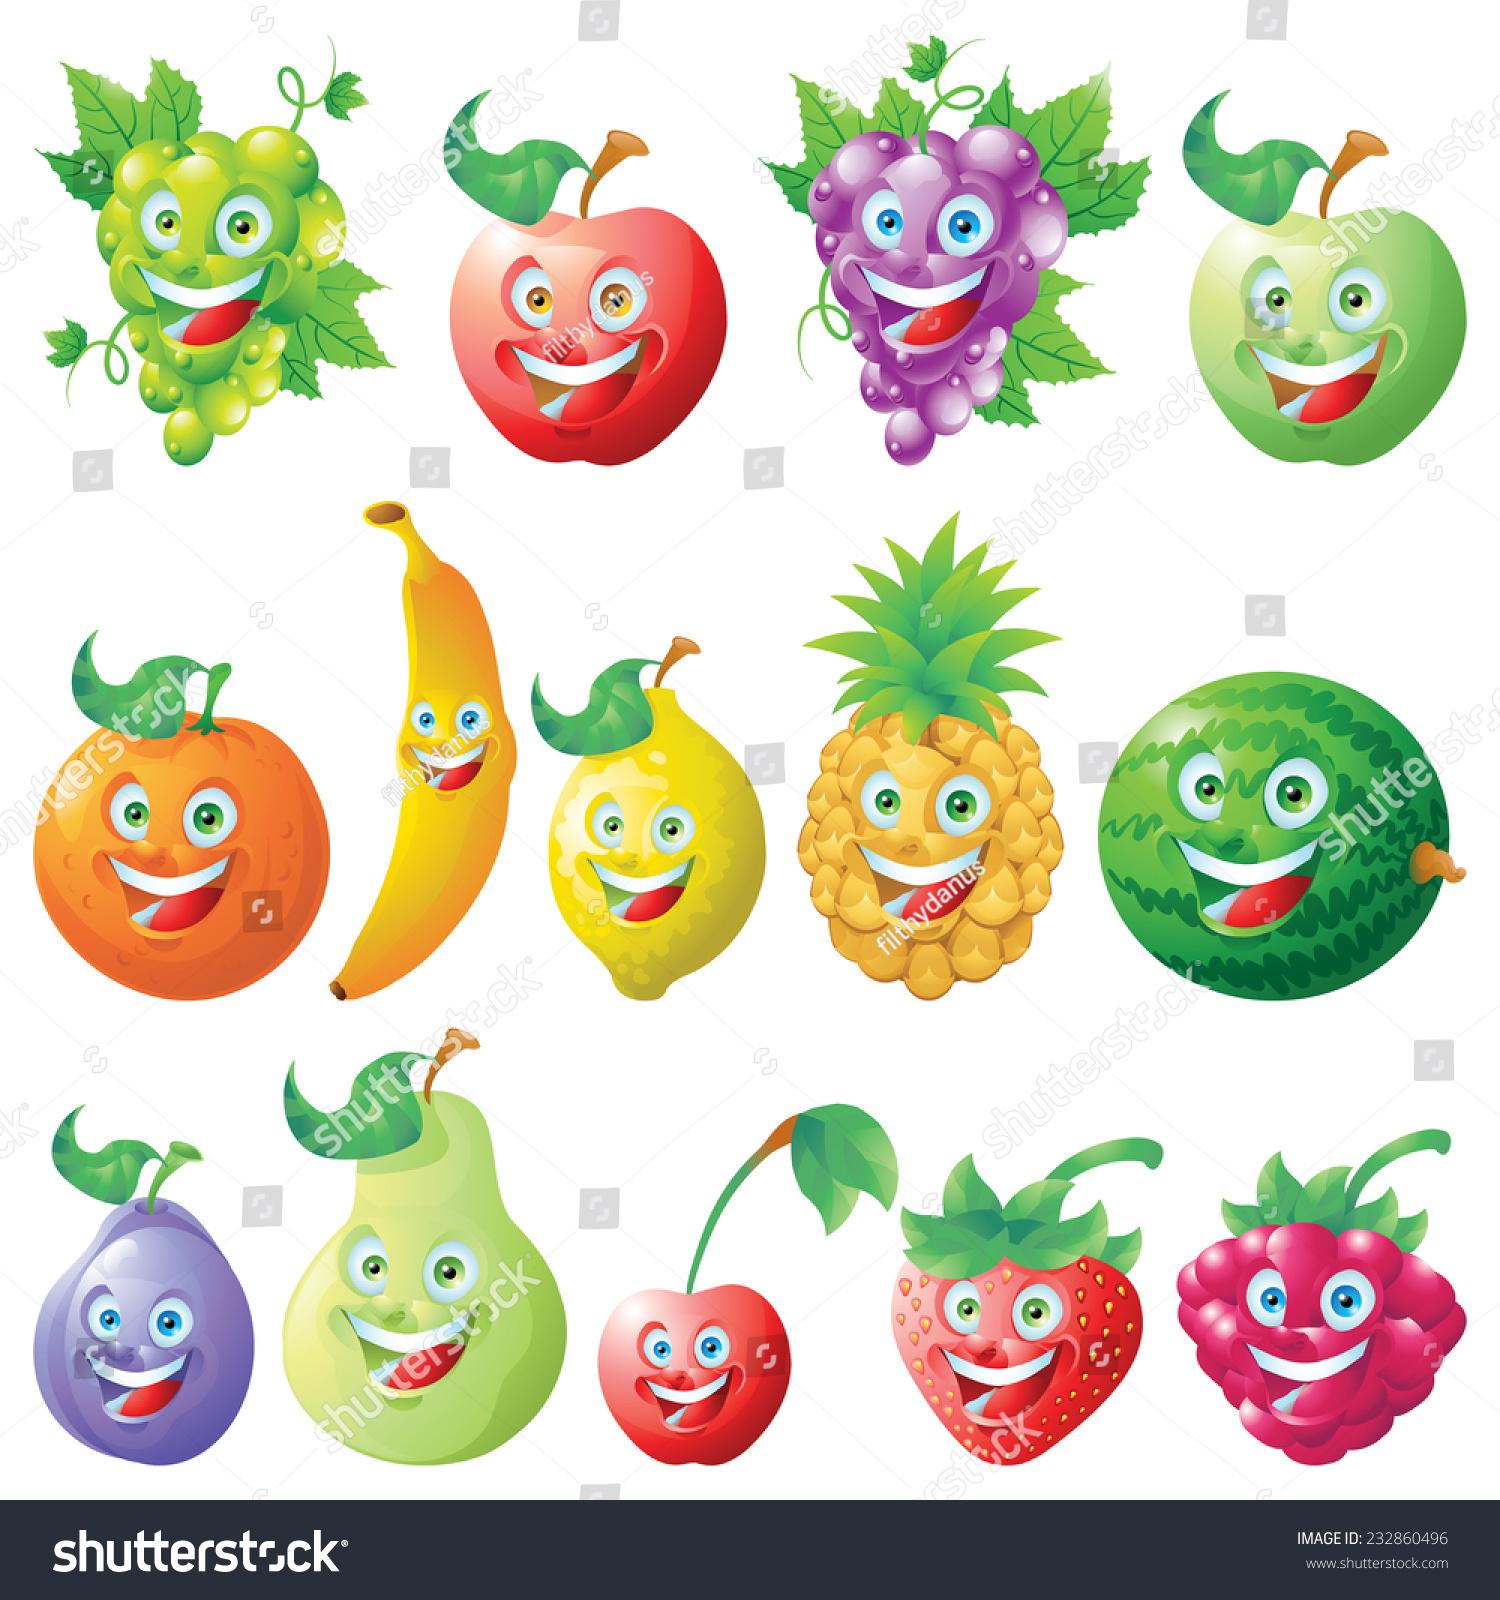 水果图标卡通人物-食品及饮料